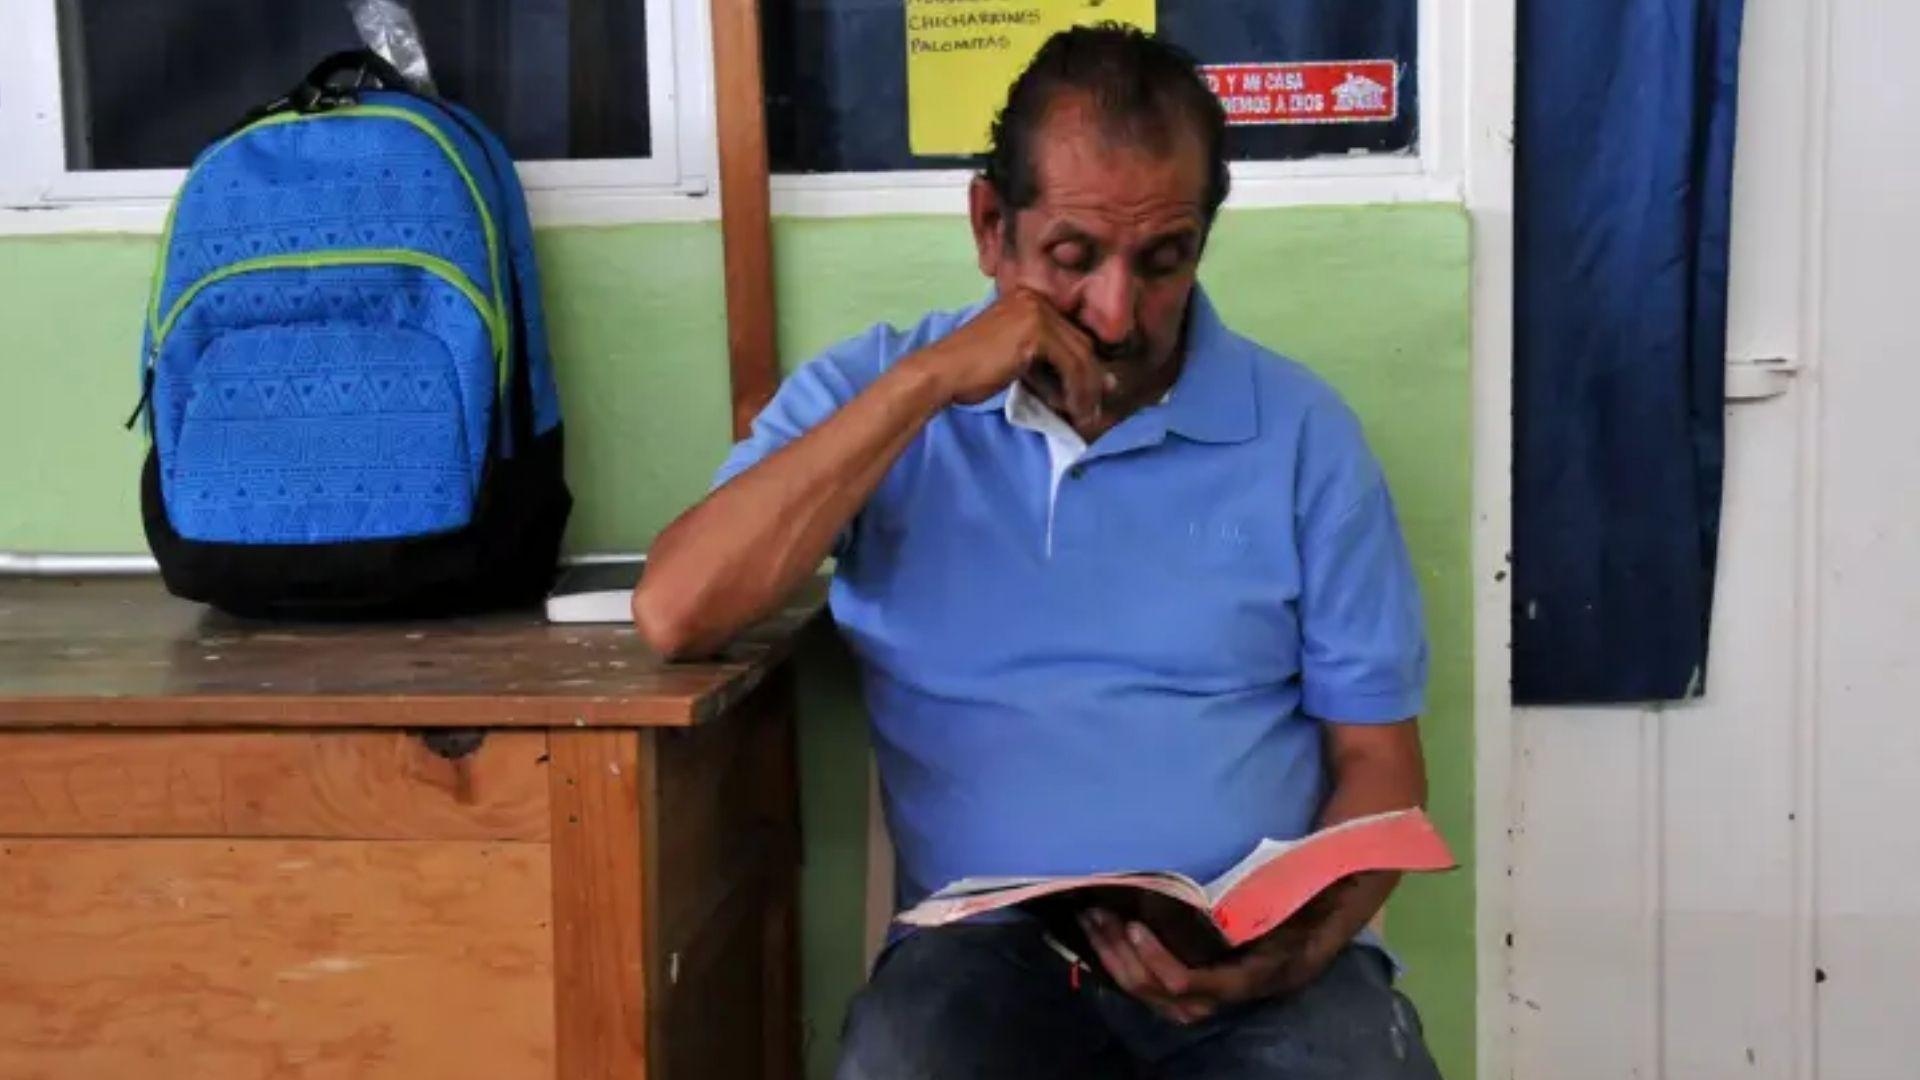 Depois da prisão, pastor continua pregando o Evangelho em mais de 100 aldeias no México